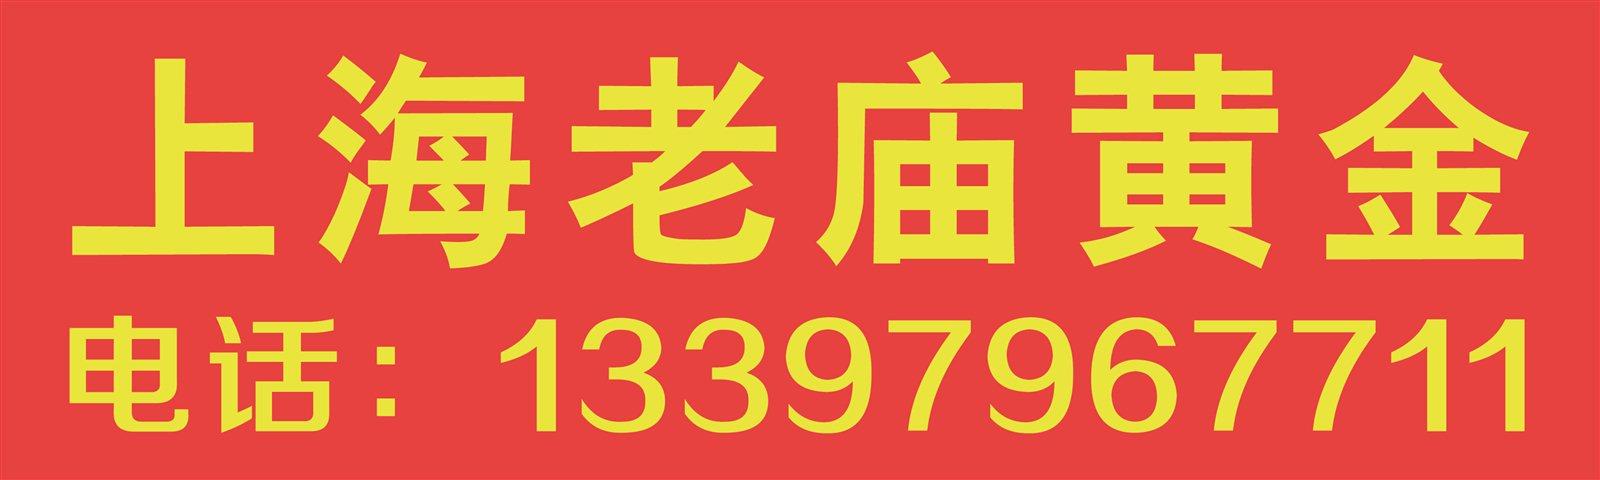 上海老庙黄金